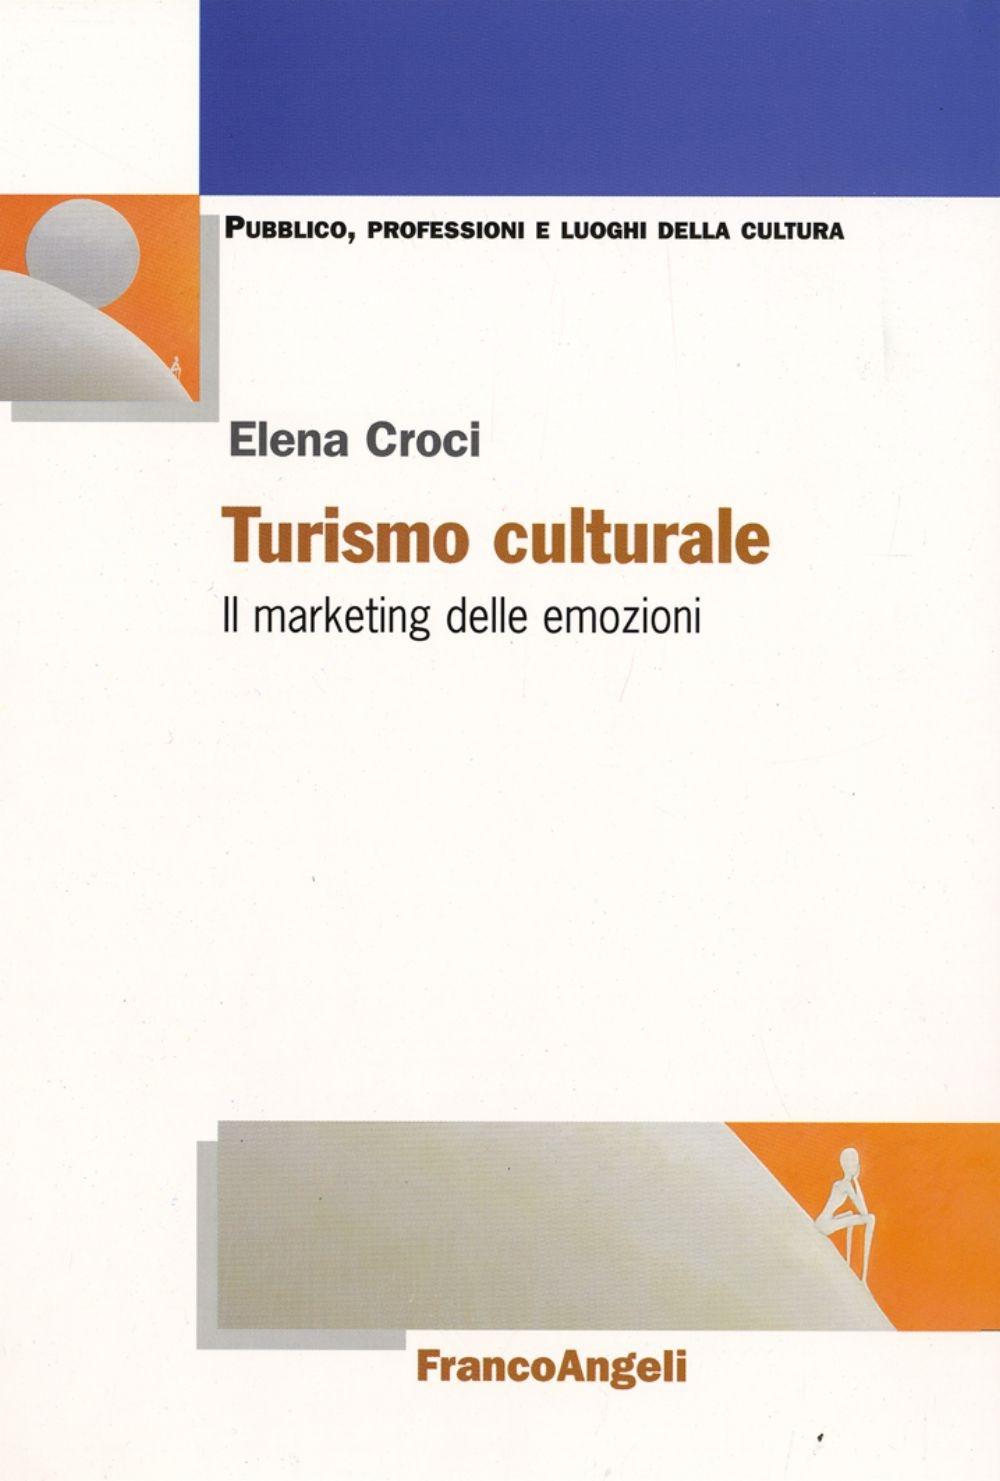 Turismo culturale. Il marketing delle emozioni